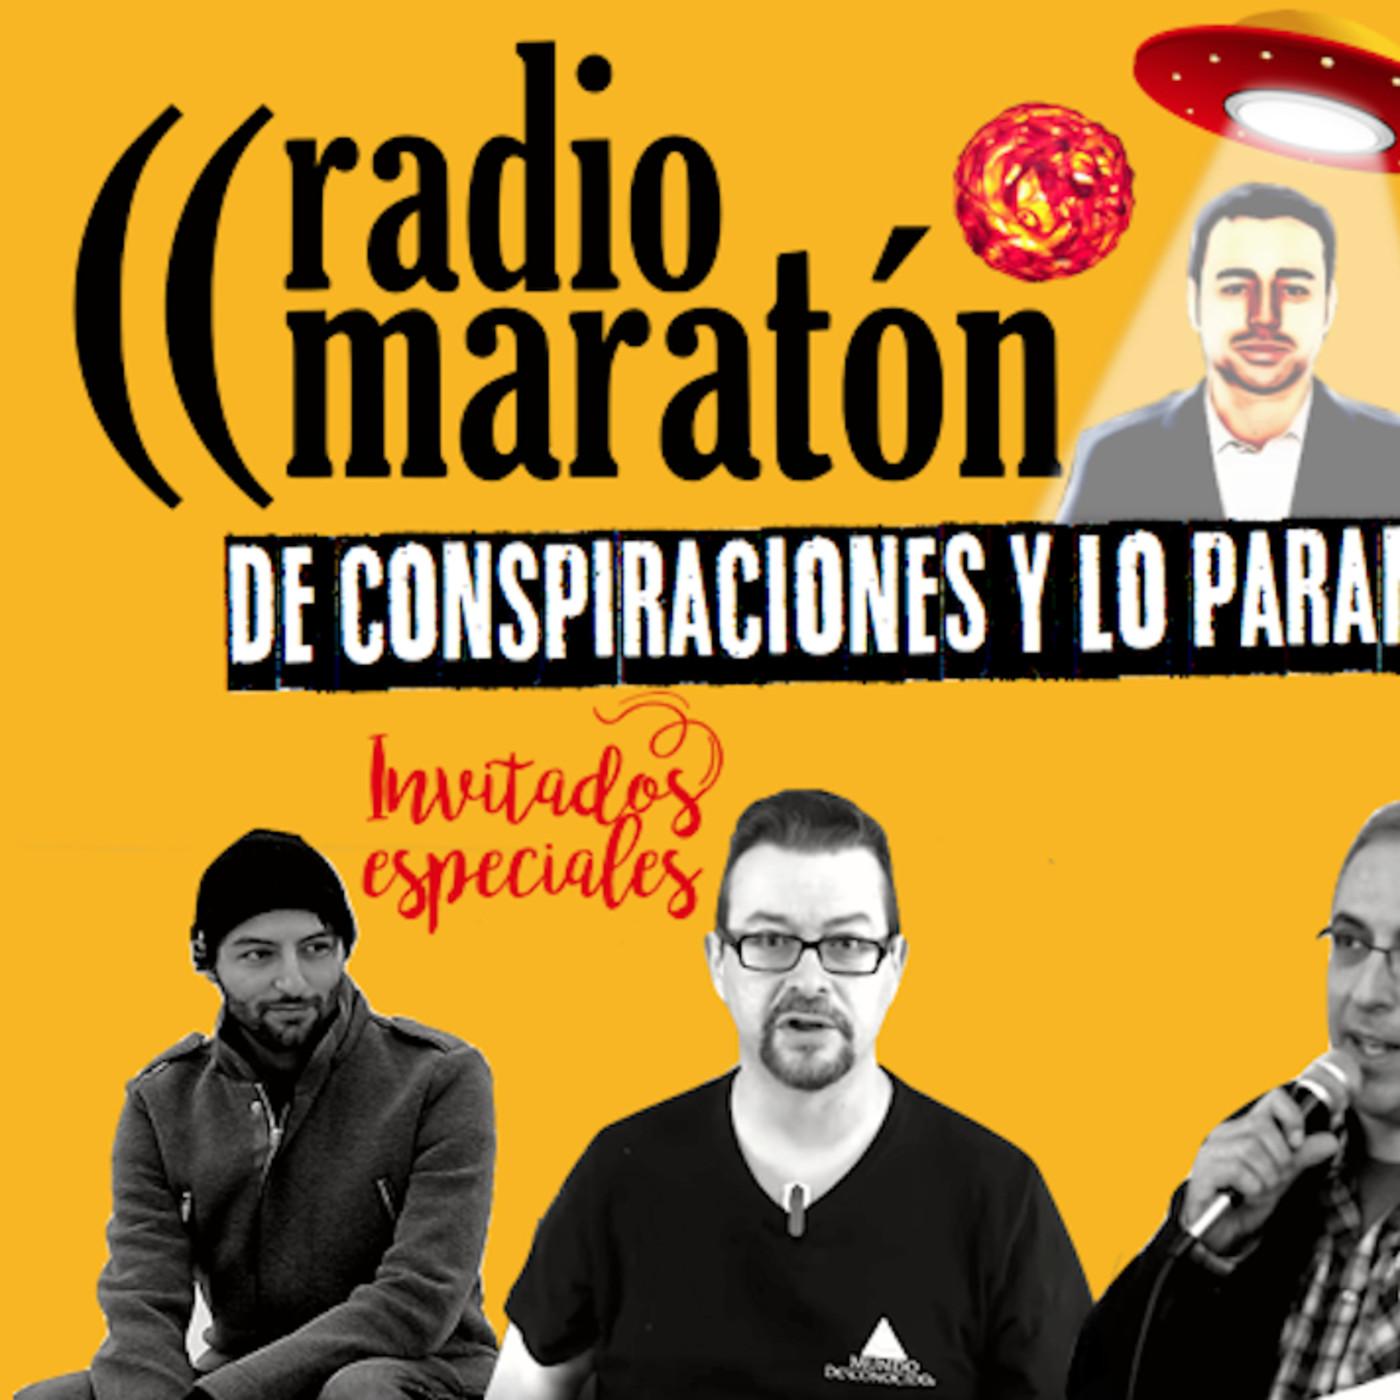 Lo mejor del maraton de la conspiraci n jl mundo for Cuarto milenio radio horario